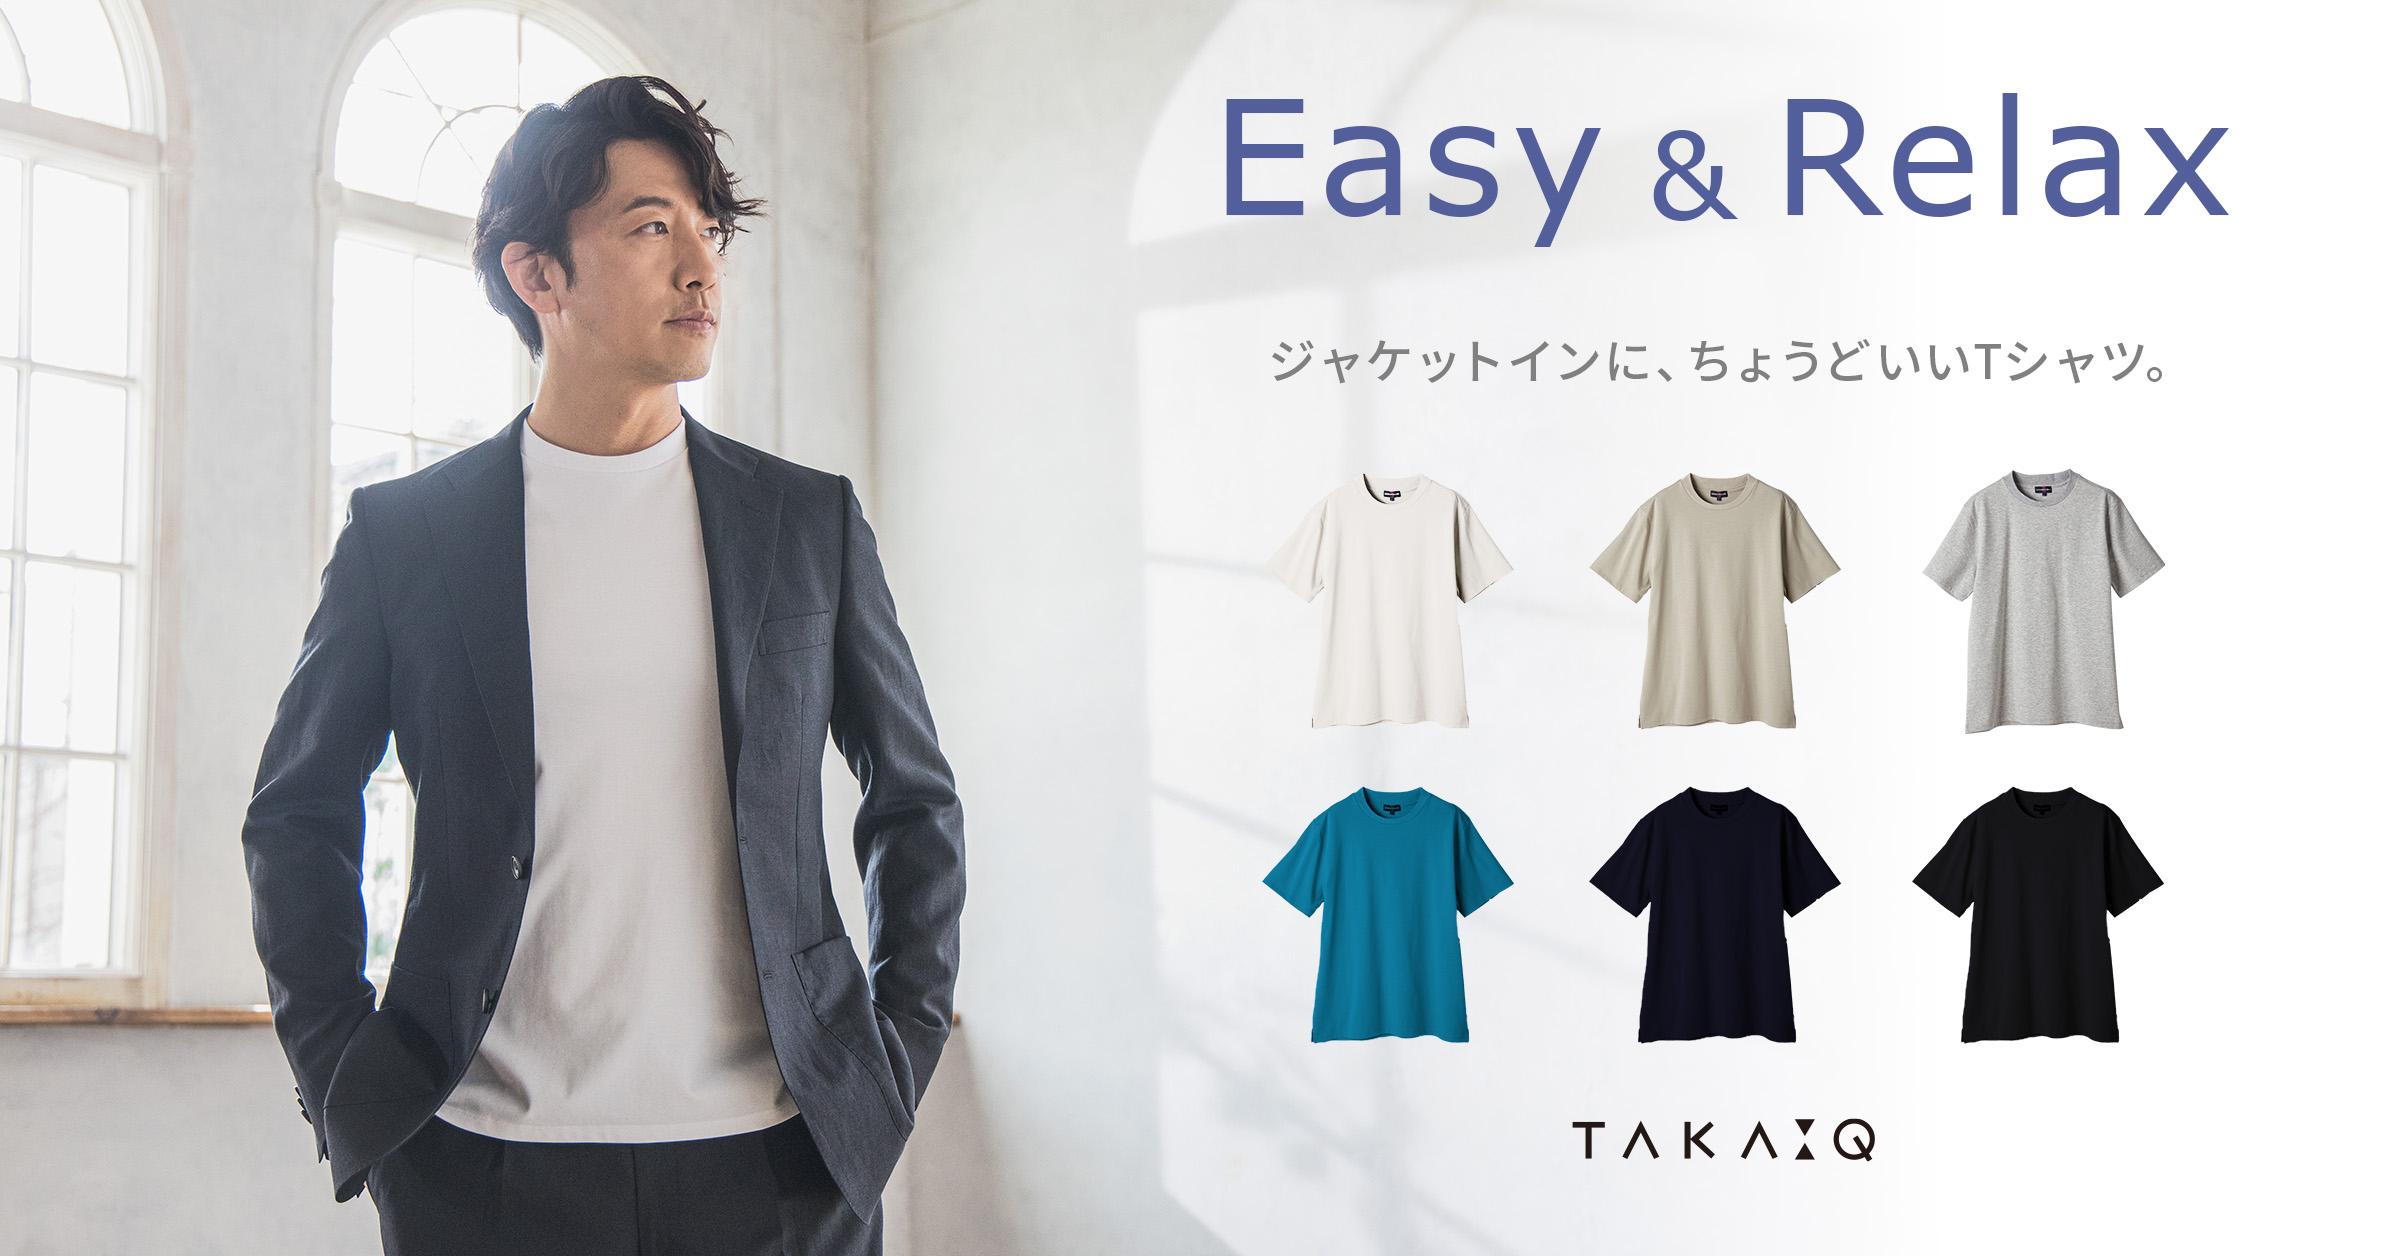 セットアップスーツ・ジャケットの自由な着こなしに新定番インナー【ドレスT】